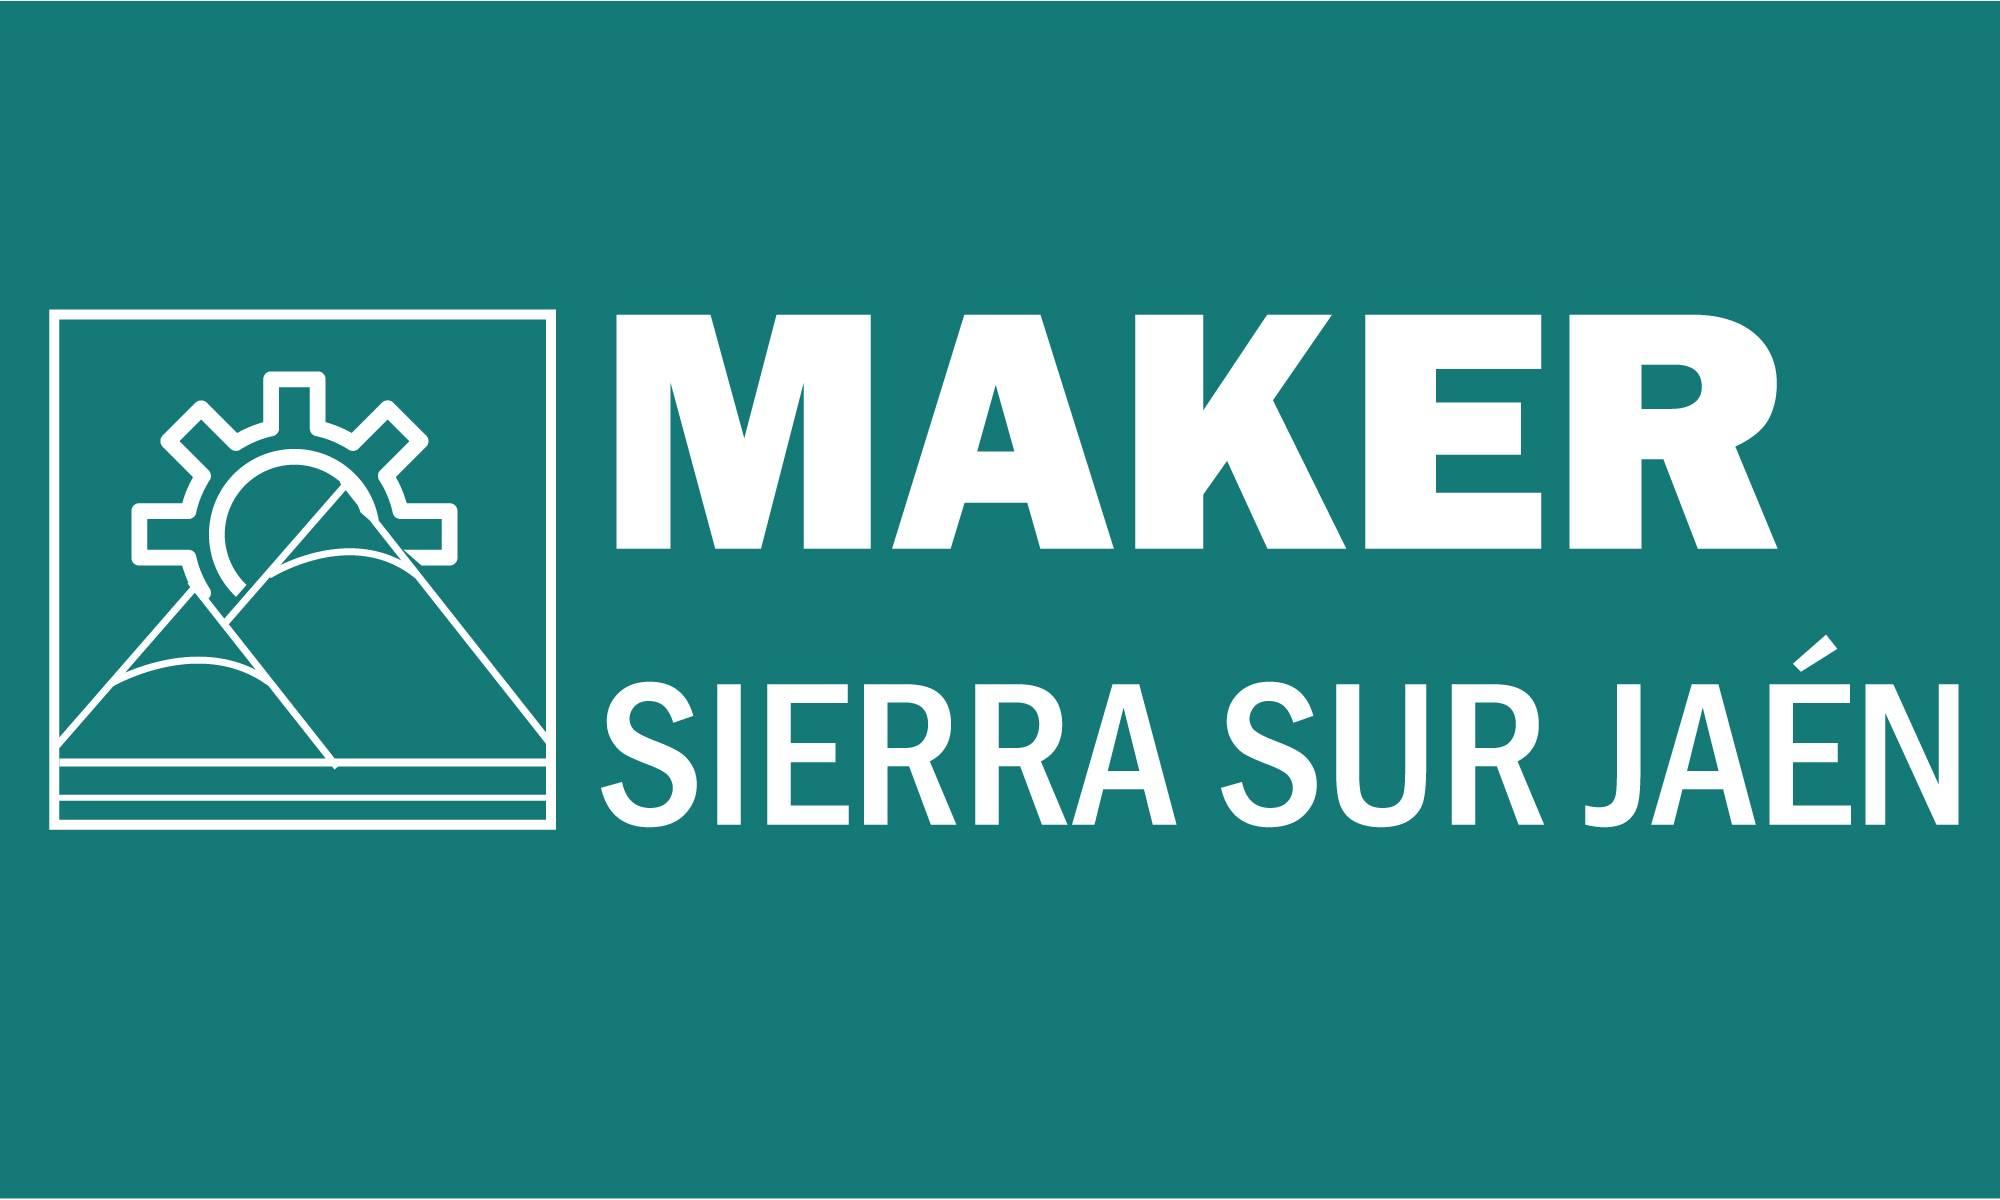 MakersSierraSur